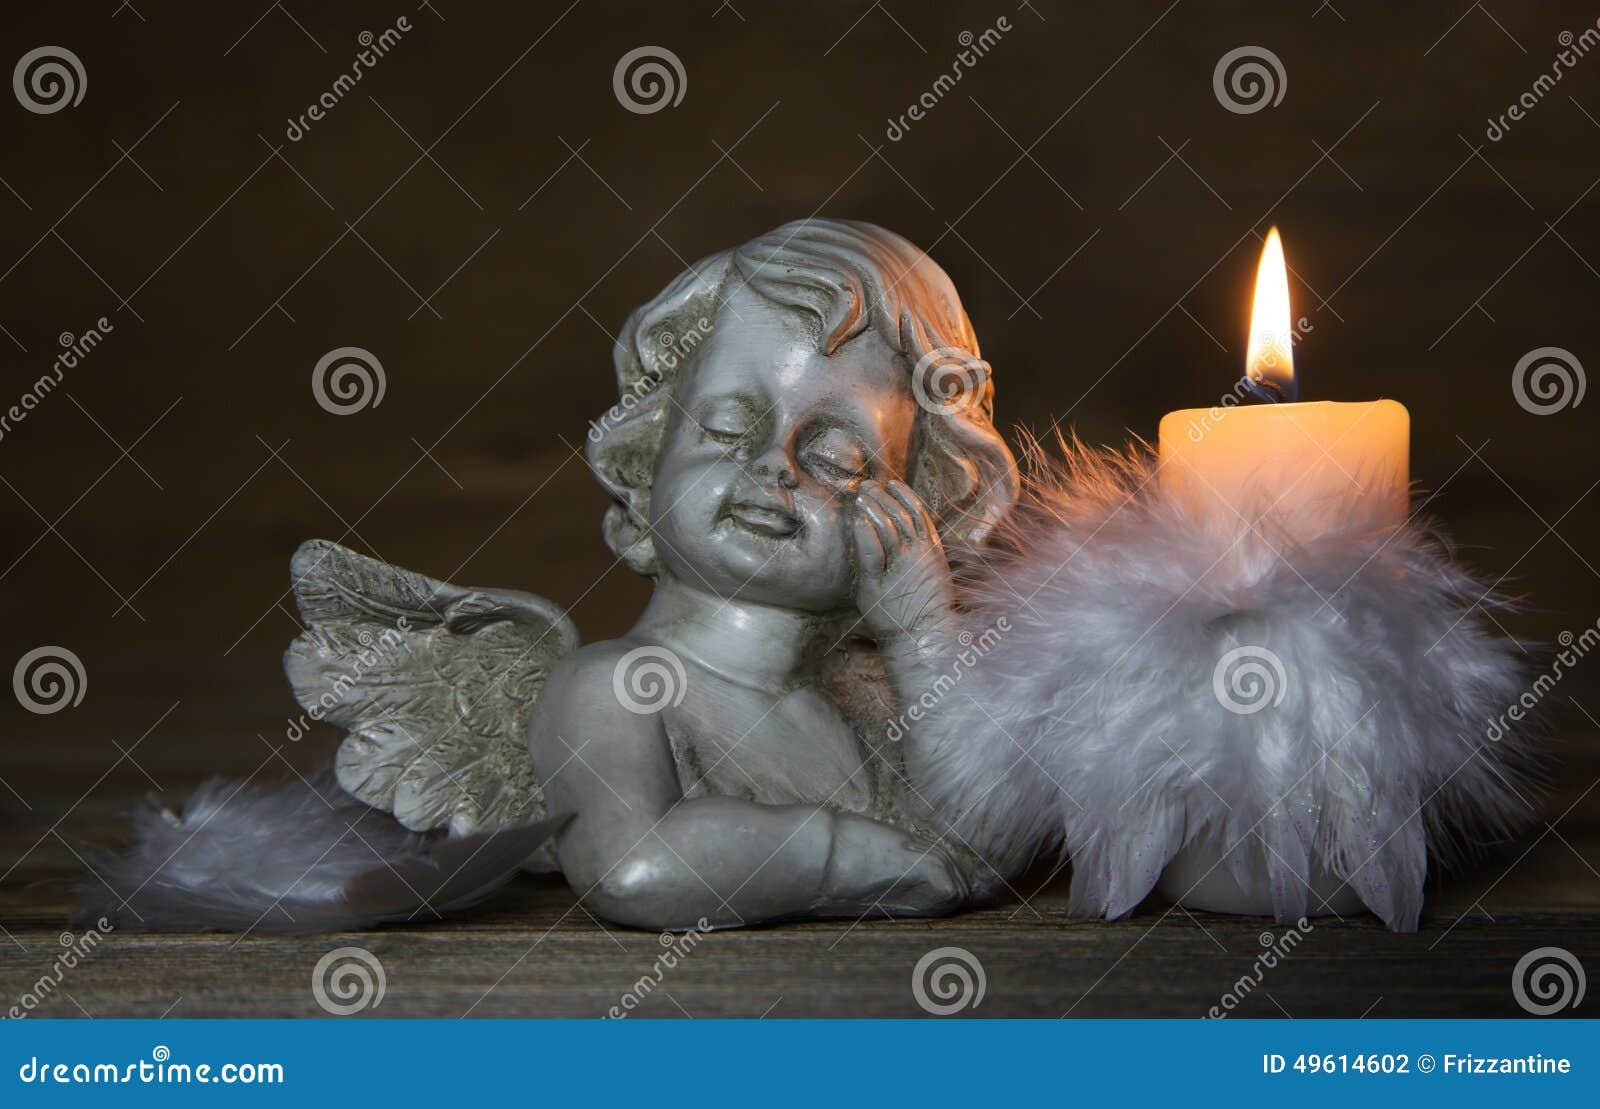 Droevige engel met het branden van kaars voor rouw of het rouwen backgr